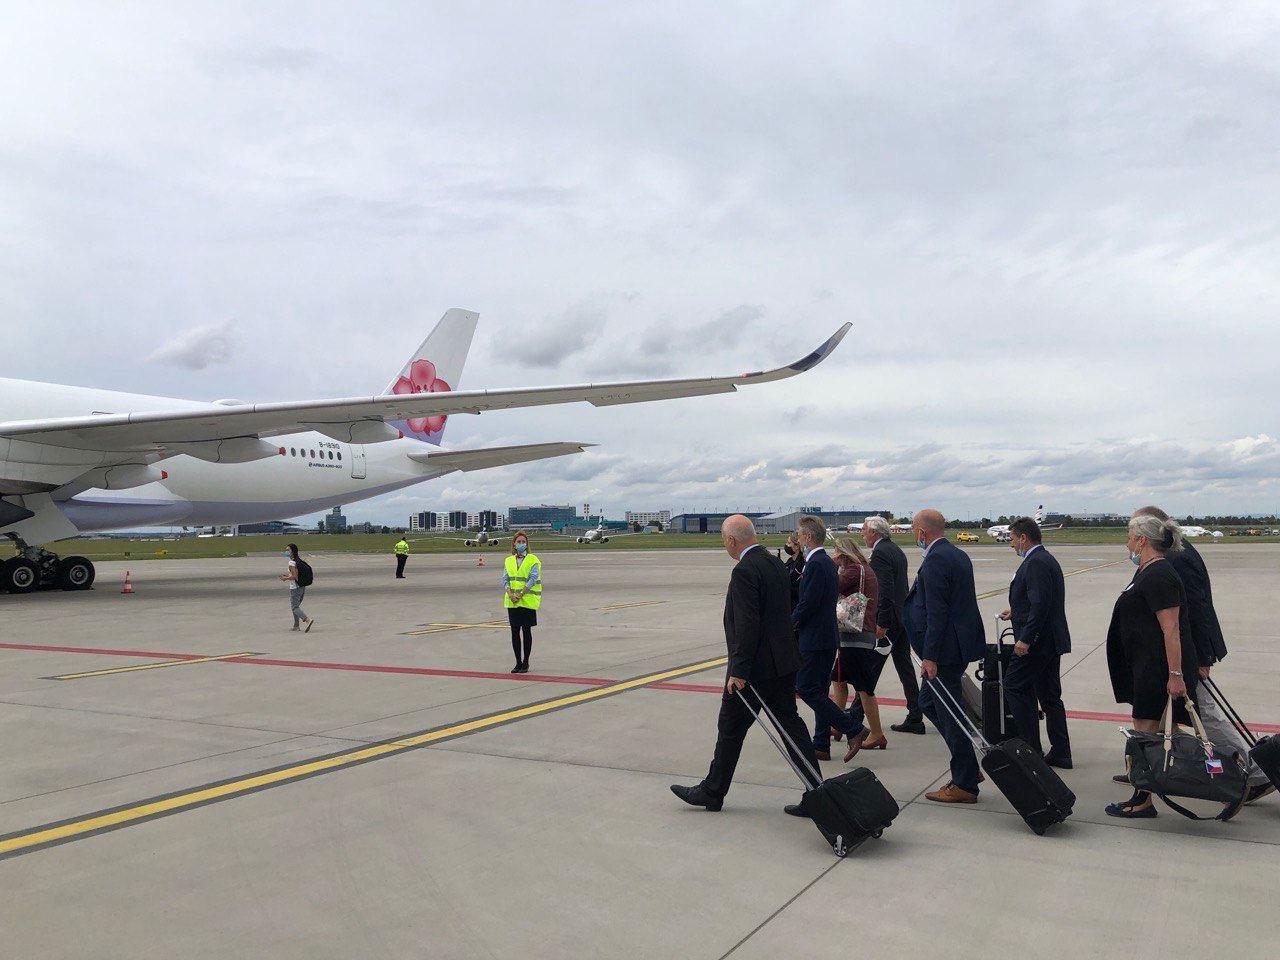 捷克訪團在全體團員通過檢測並由團長參議長韋德齊發表精神談話後,登機出發前來臺灣。